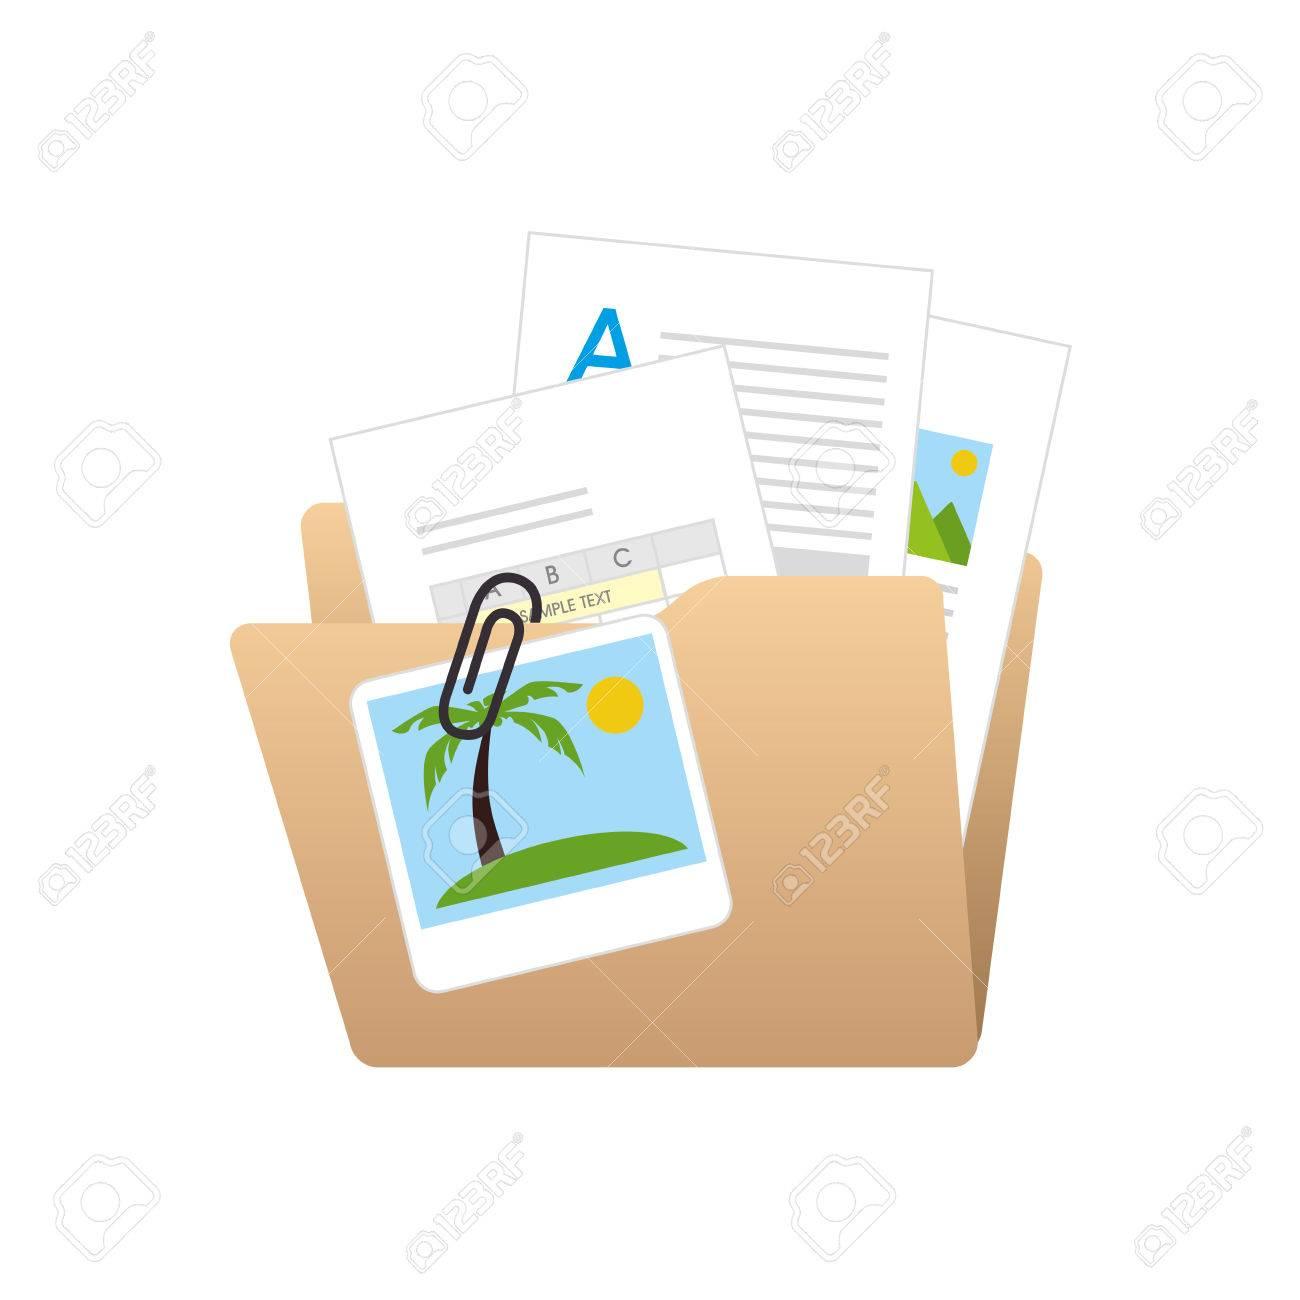 Binder Ordner Archivdateien Zu Organisieren Buro Web Informationen